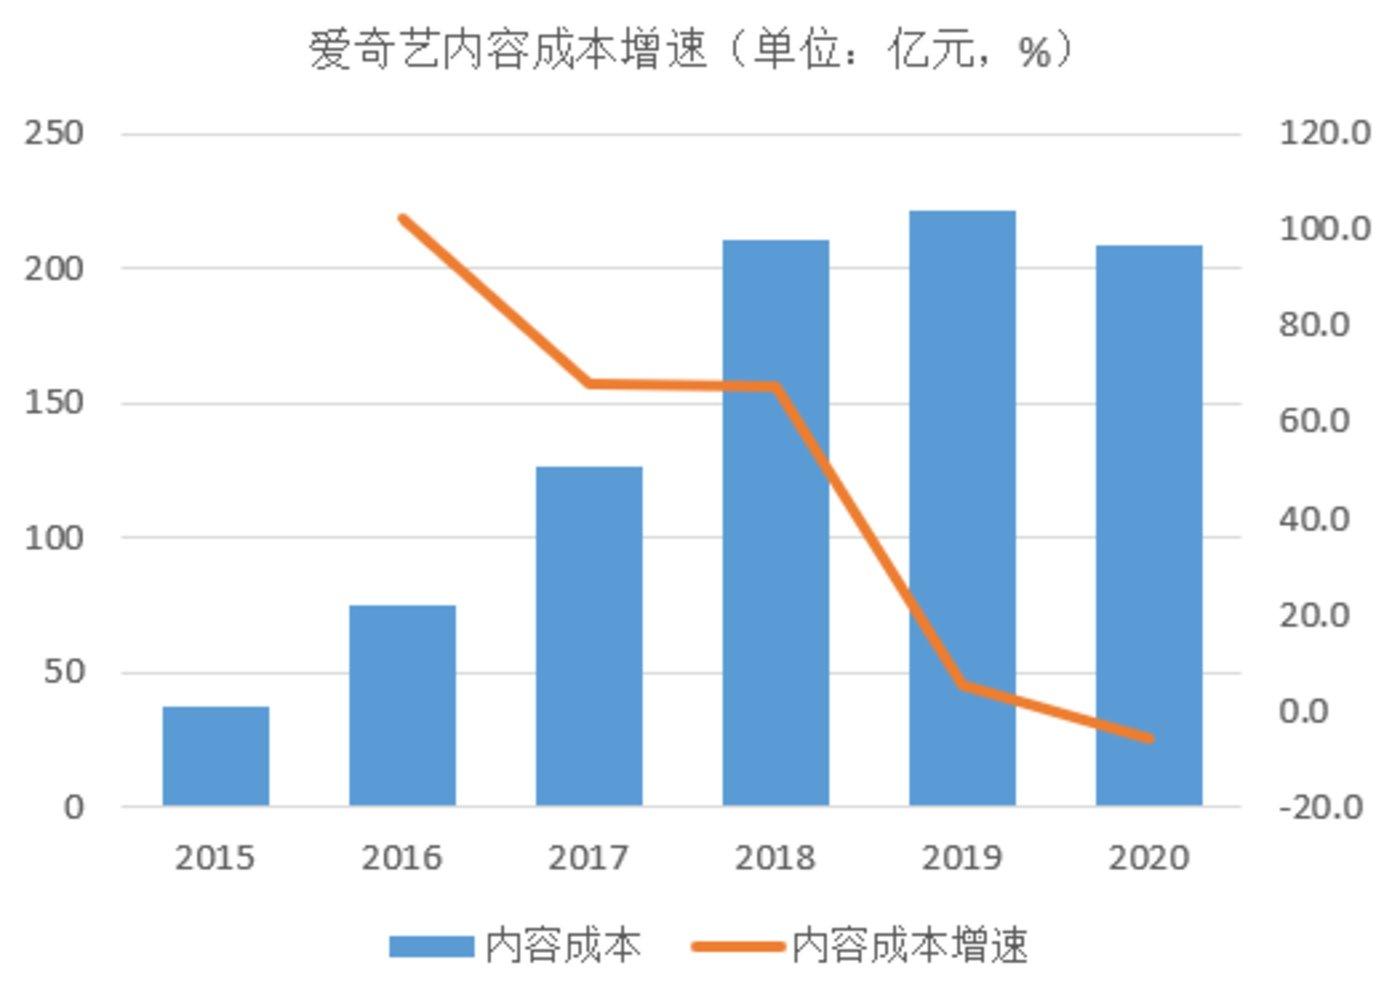 (爱奇艺2015~2020年内容成本增速,根据公开财报数据整理)